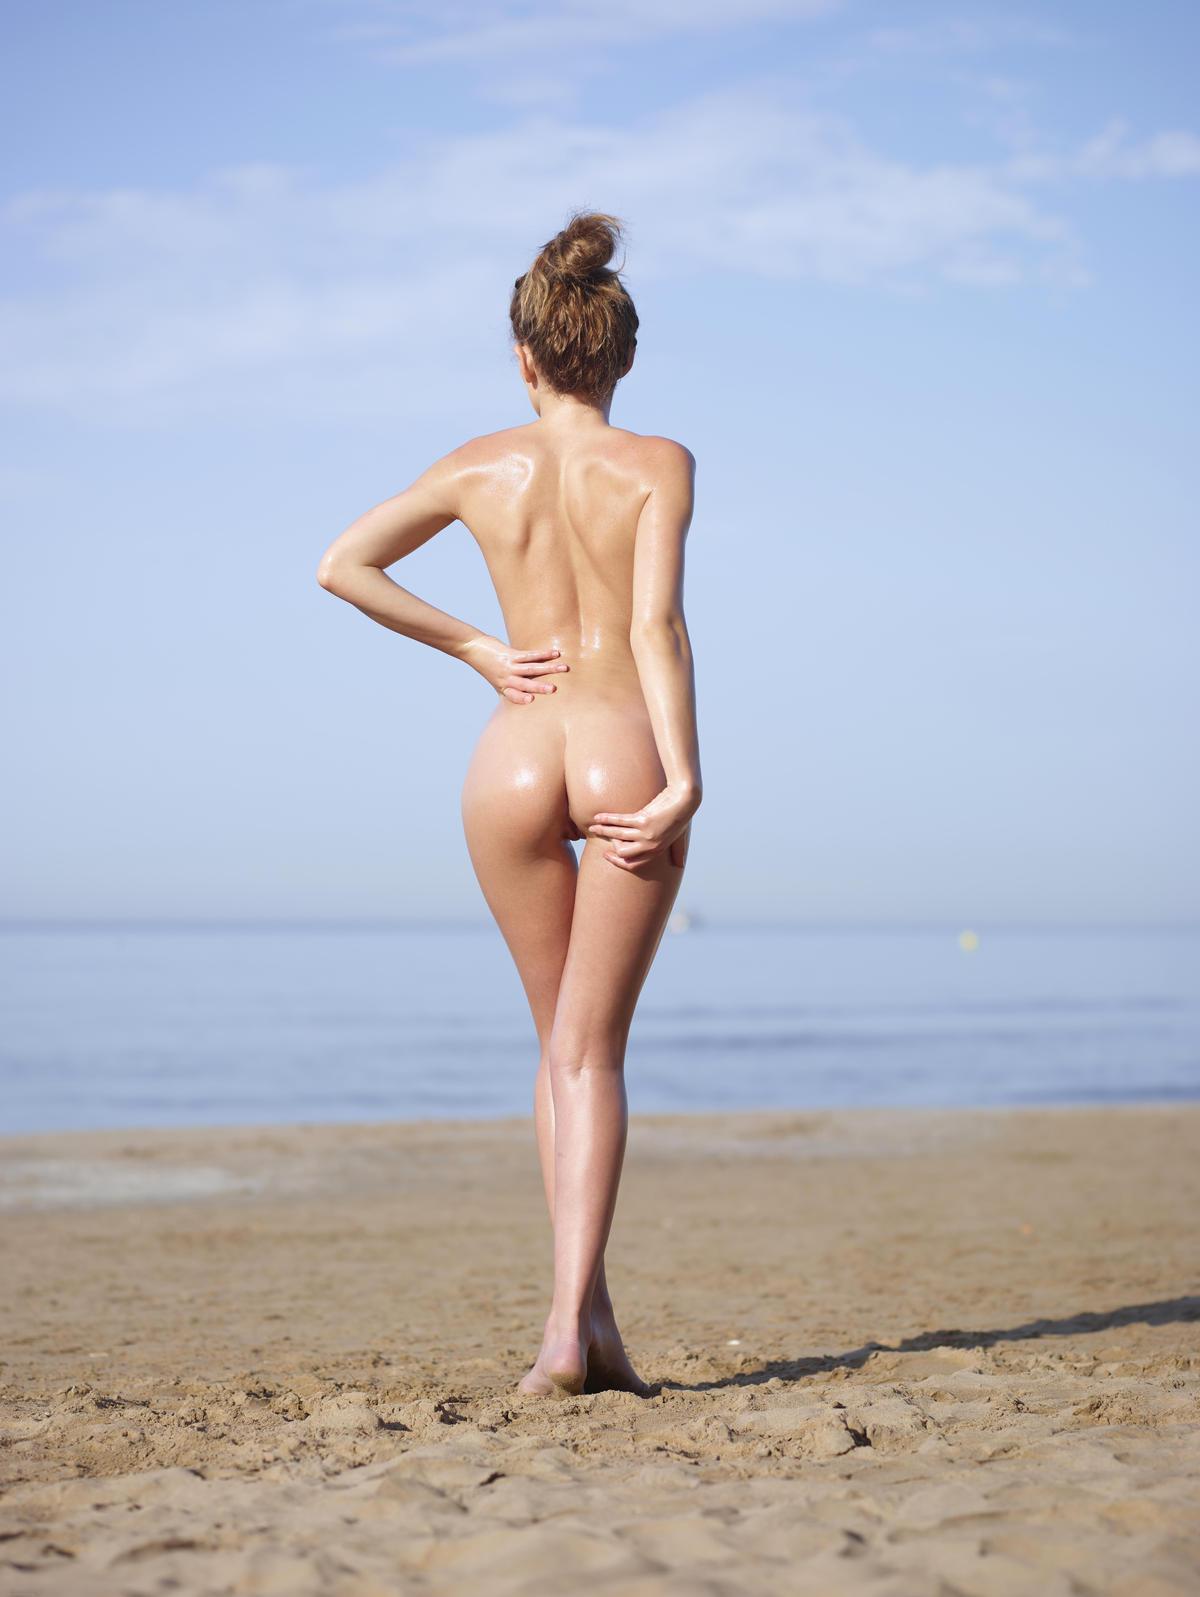 willa holland fake nude public tits porn